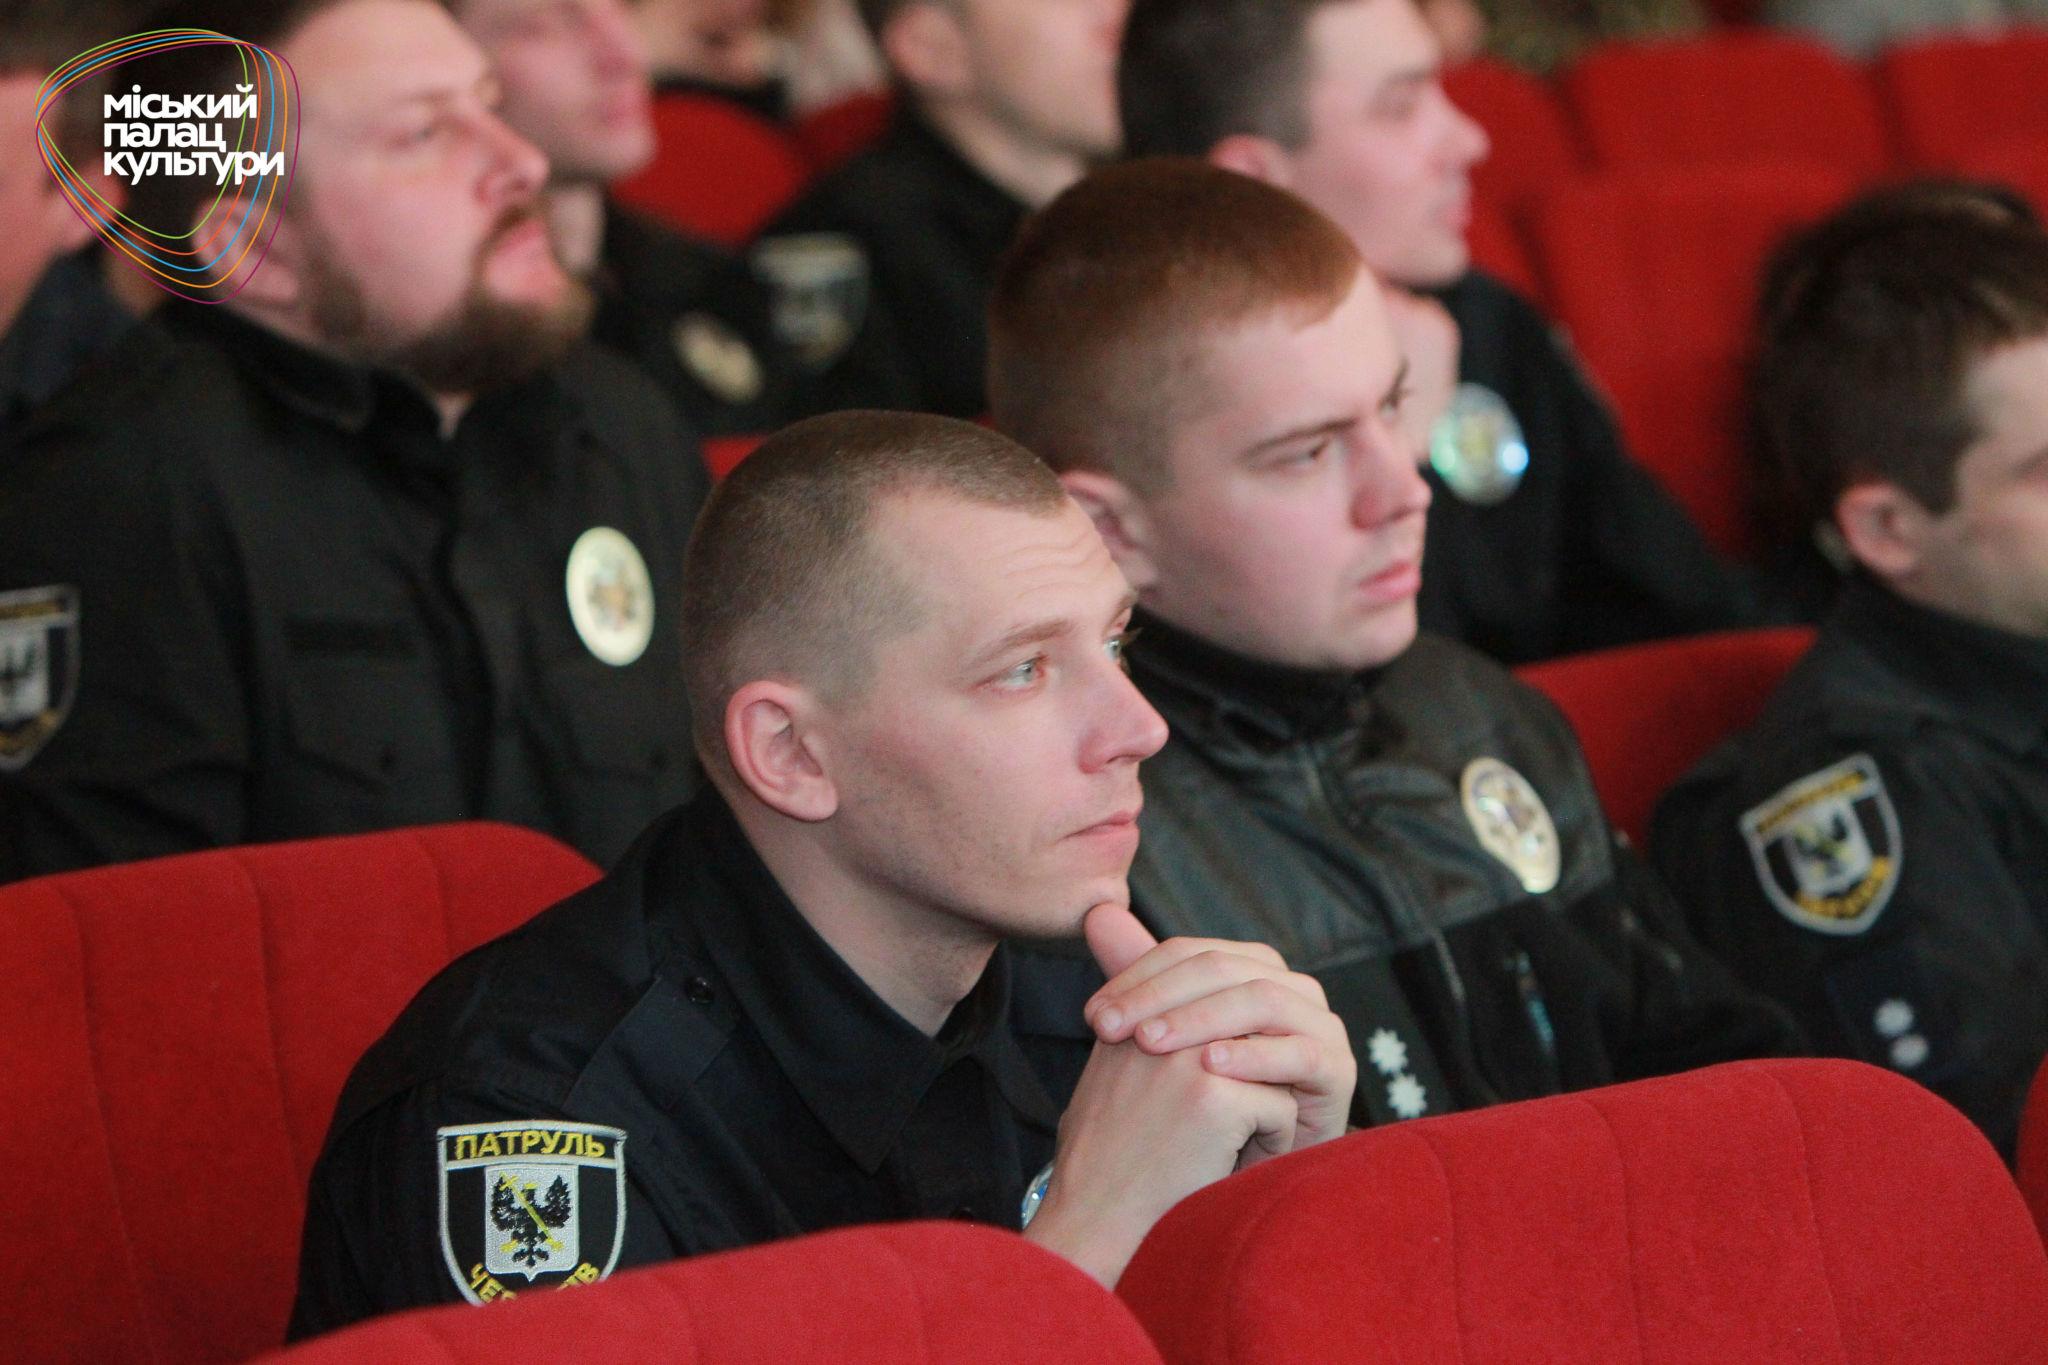 МПК вітав Управління патрульної поліції Чернігівської області з 3-річчям створення!🤩🤩🤩